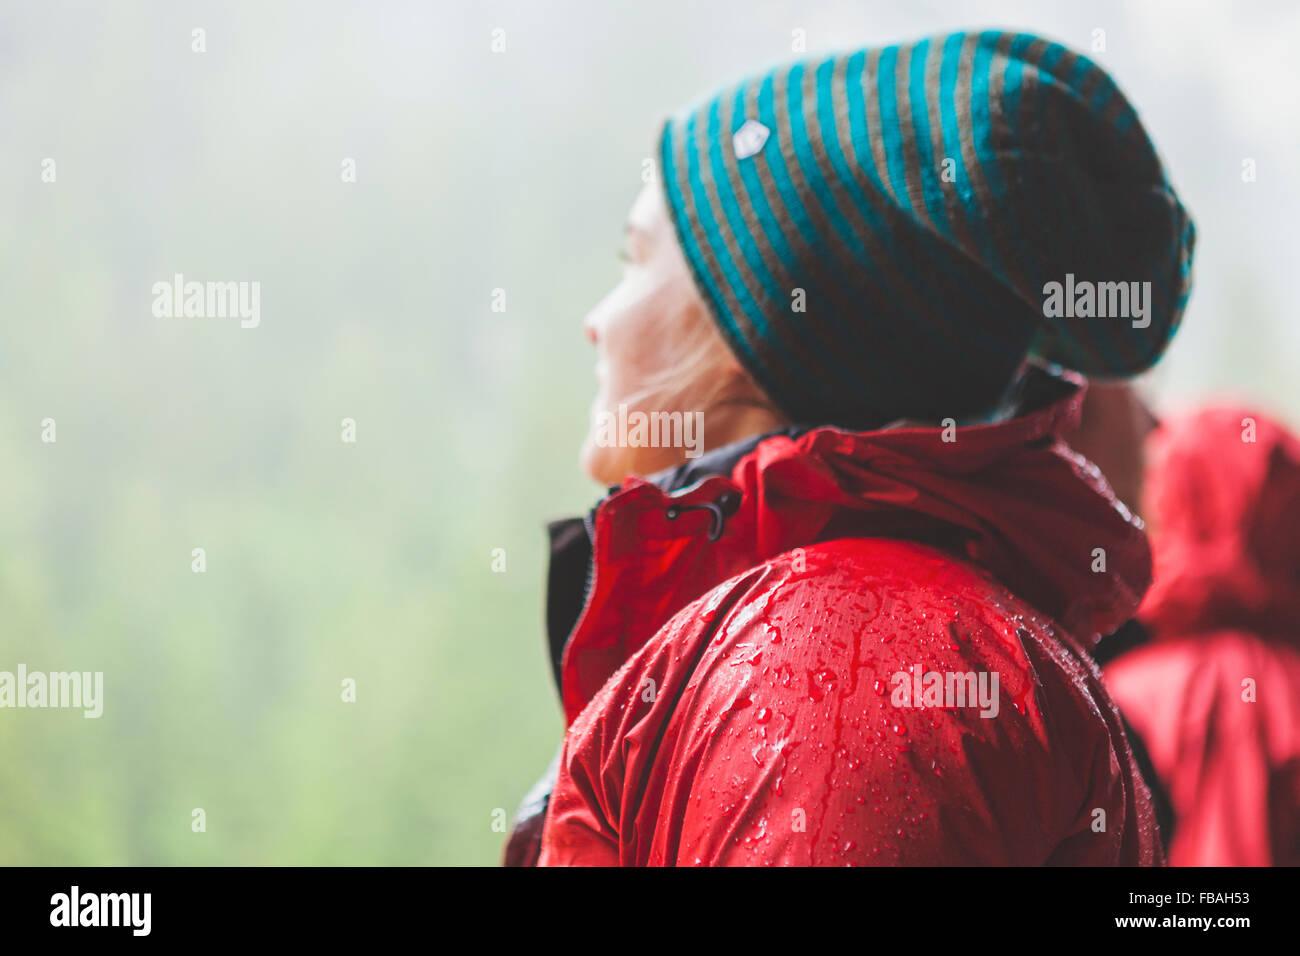 La Suisse, l'Ausserferrera, jeune femme portant veste rouge chaud et woolly hat Banque D'Images